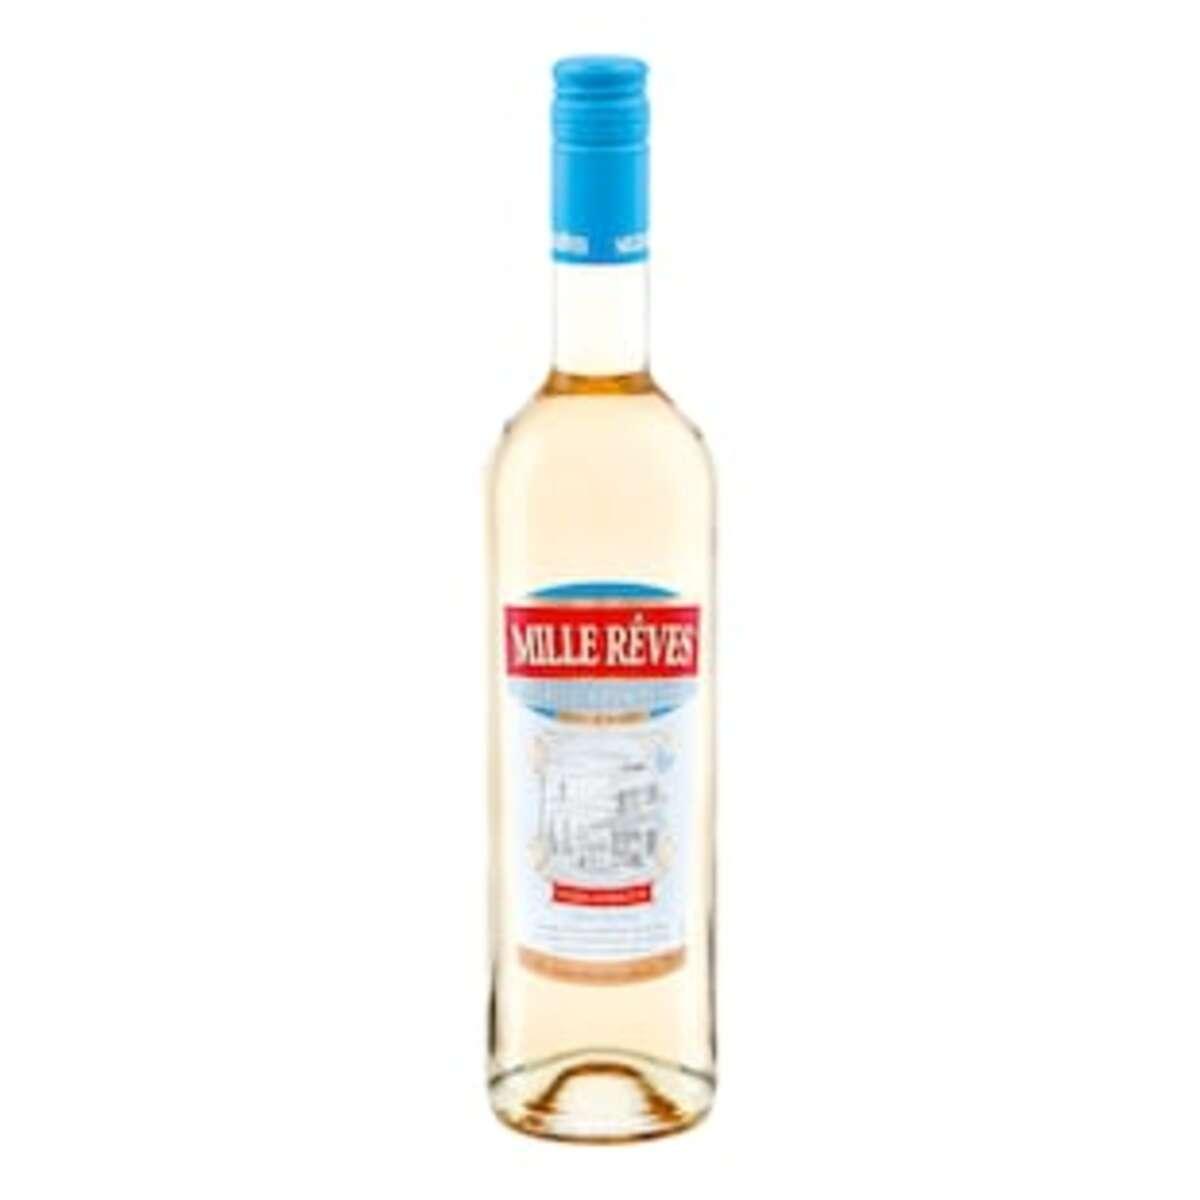 Bild 2 von Mille Reves blanc Aperitif 17,0 % vol 0,75 Liter